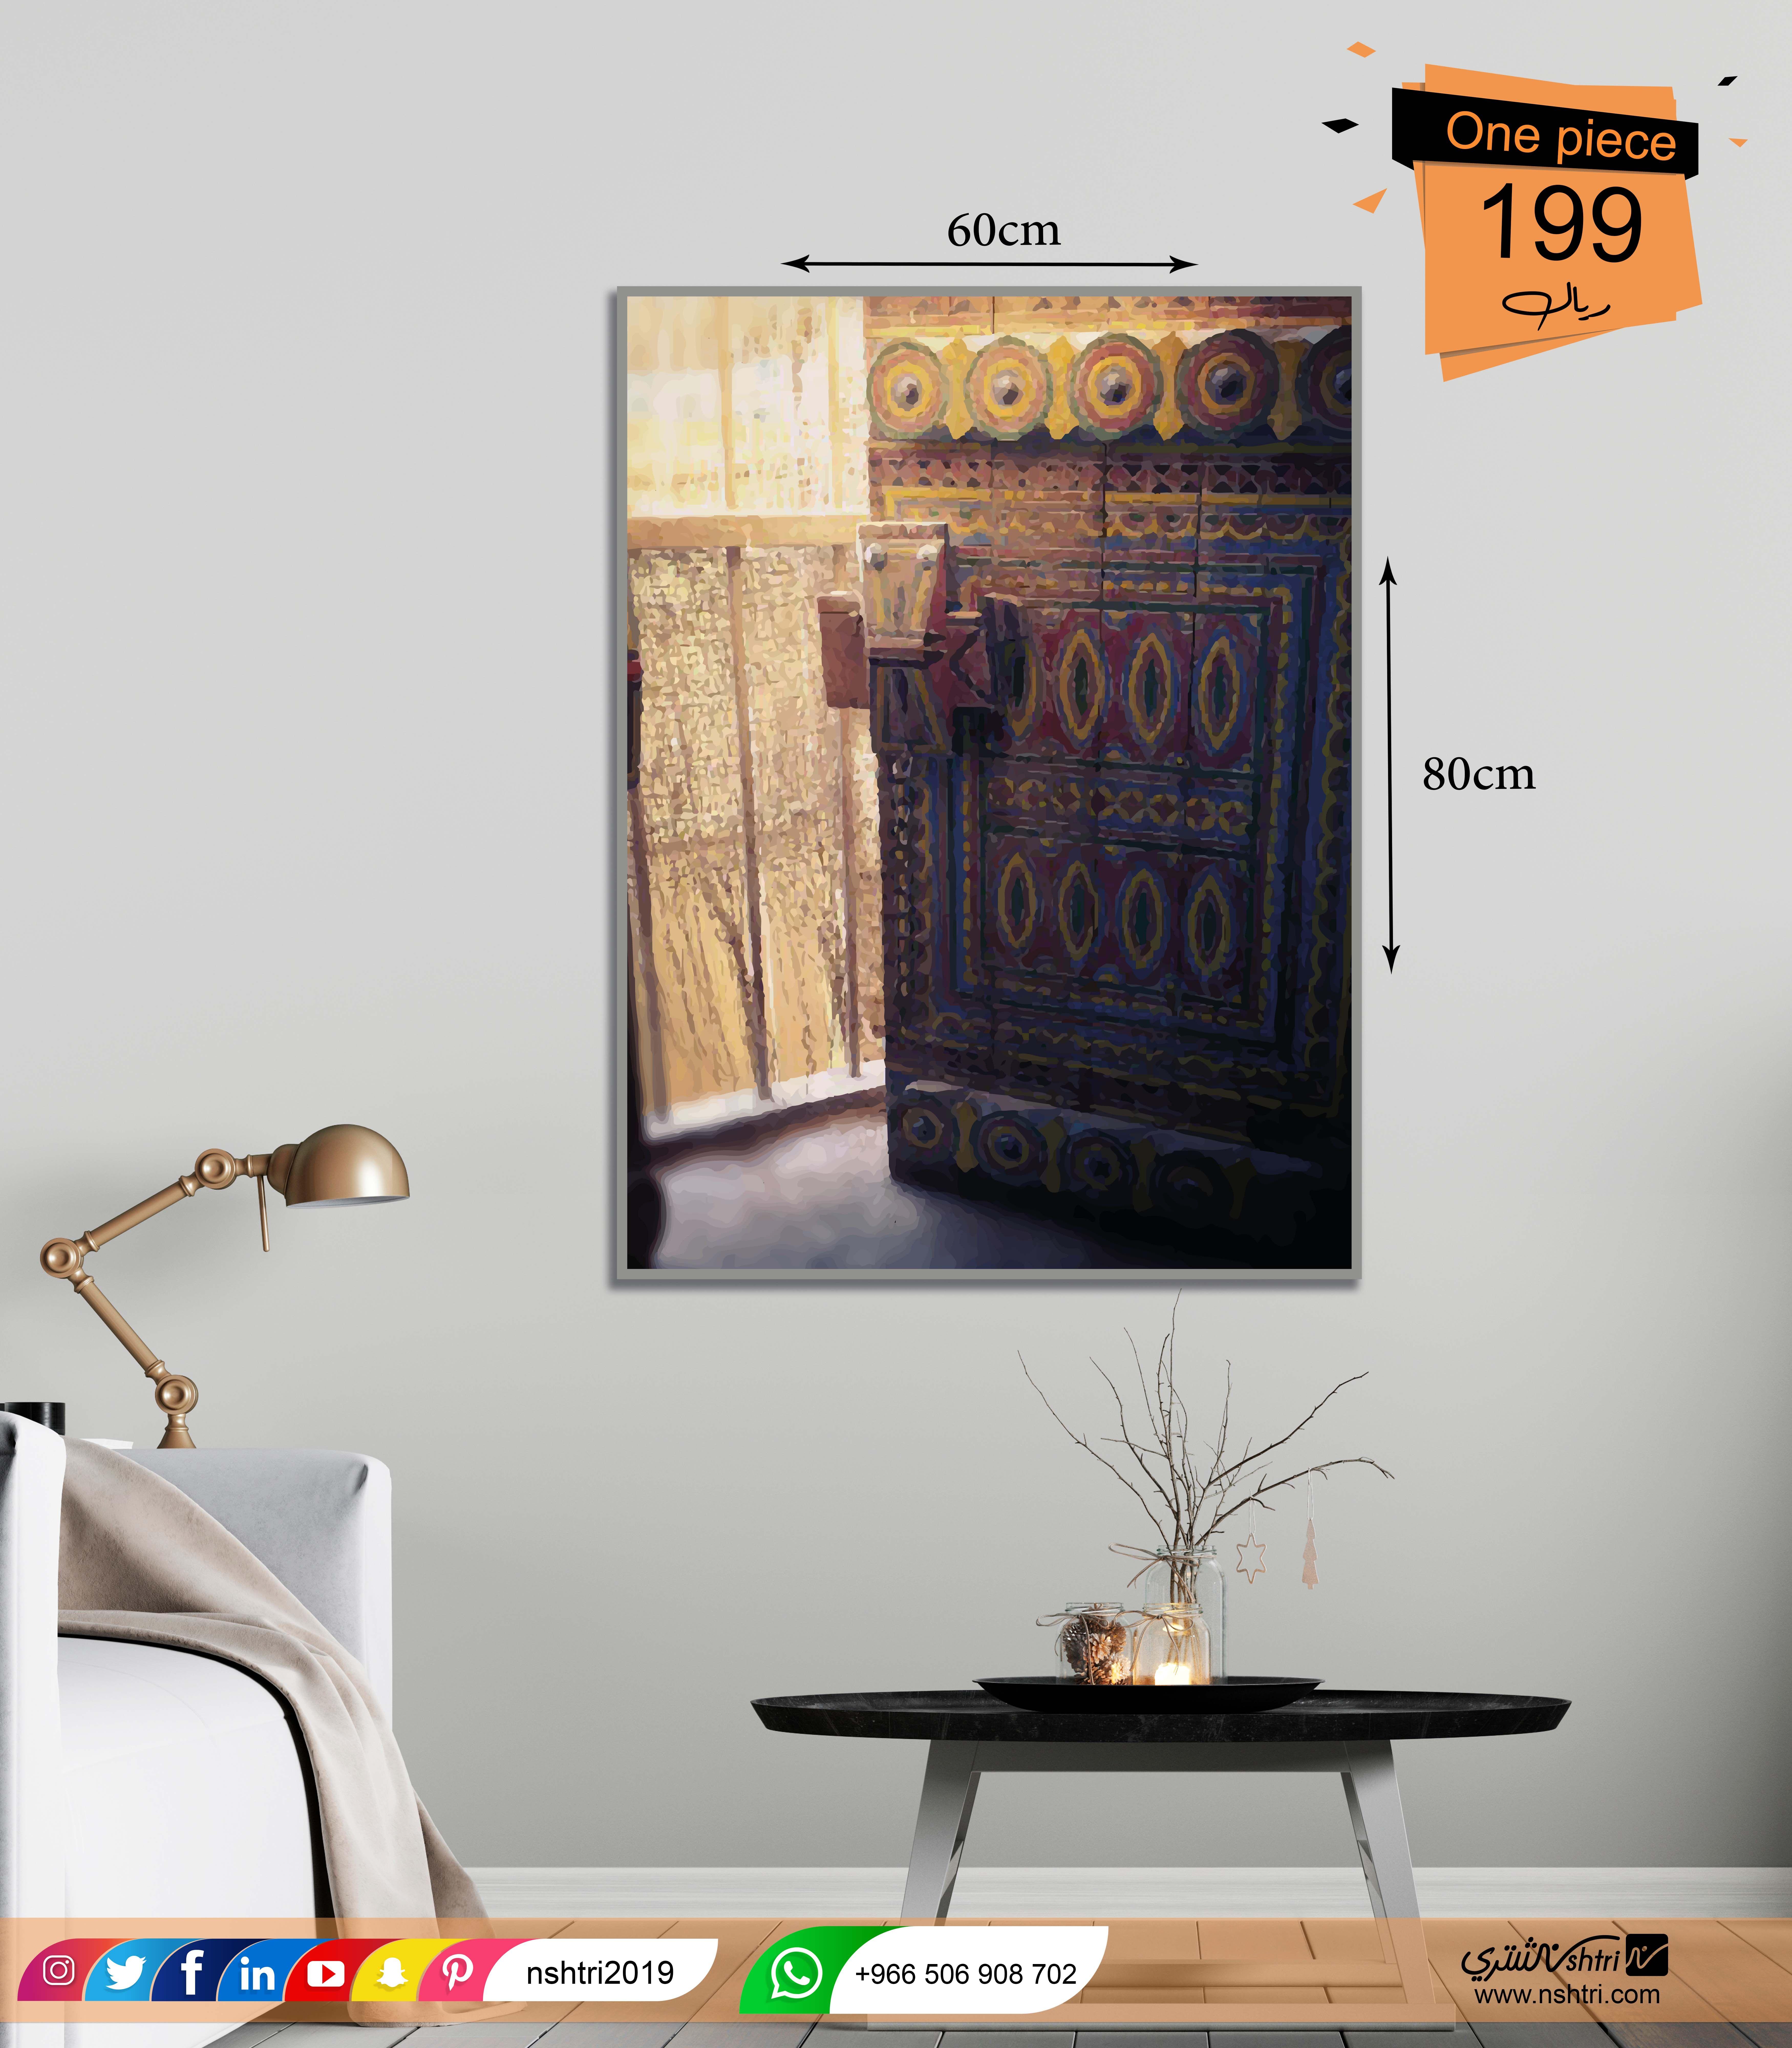 تراثنا محل إعتزازنا نفخر بتراث وطننا الغالي من خلال لوحات من نشتري لوحات تراثية بتصميم أنيق تضفي لمسة من الأصالة والجمال لد Home Decor Decor Wall Decor